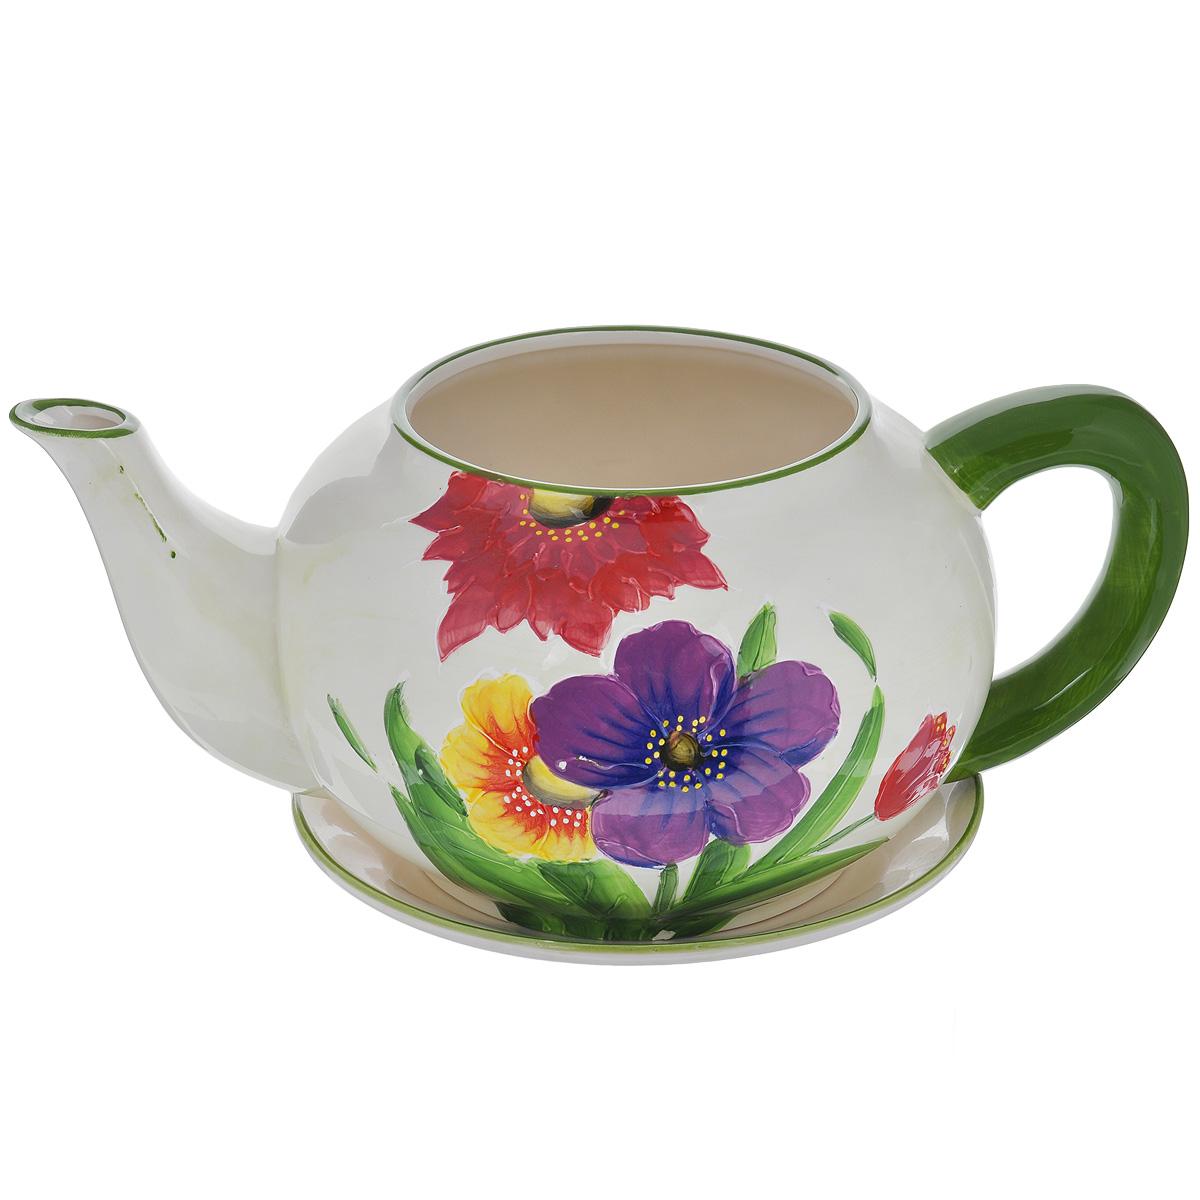 Кашпо Lillo Яркие цветы, с поддономGPS10-09-WКашпо-горшок для цветов Lillo Яркие цветы выполнен из прочной керамики в виде заварочного чайника с блюдцем. Изделие предназначено для цветов.Такие изделия часто становятся последним штрихом, который совершенно изменяет интерьер помещения или ландшафтный дизайн сада. Благодаря такому кашпо вы сможете украсить вашу комнату, офис, сад и другие места. Изделие оснащено специальным поддоном - блюдцем.Диаметр кашпо по верхнему краю: 14,5 см.Высота кашпо (без учета поддона): 16 см.Диаметр поддона: 23 см.